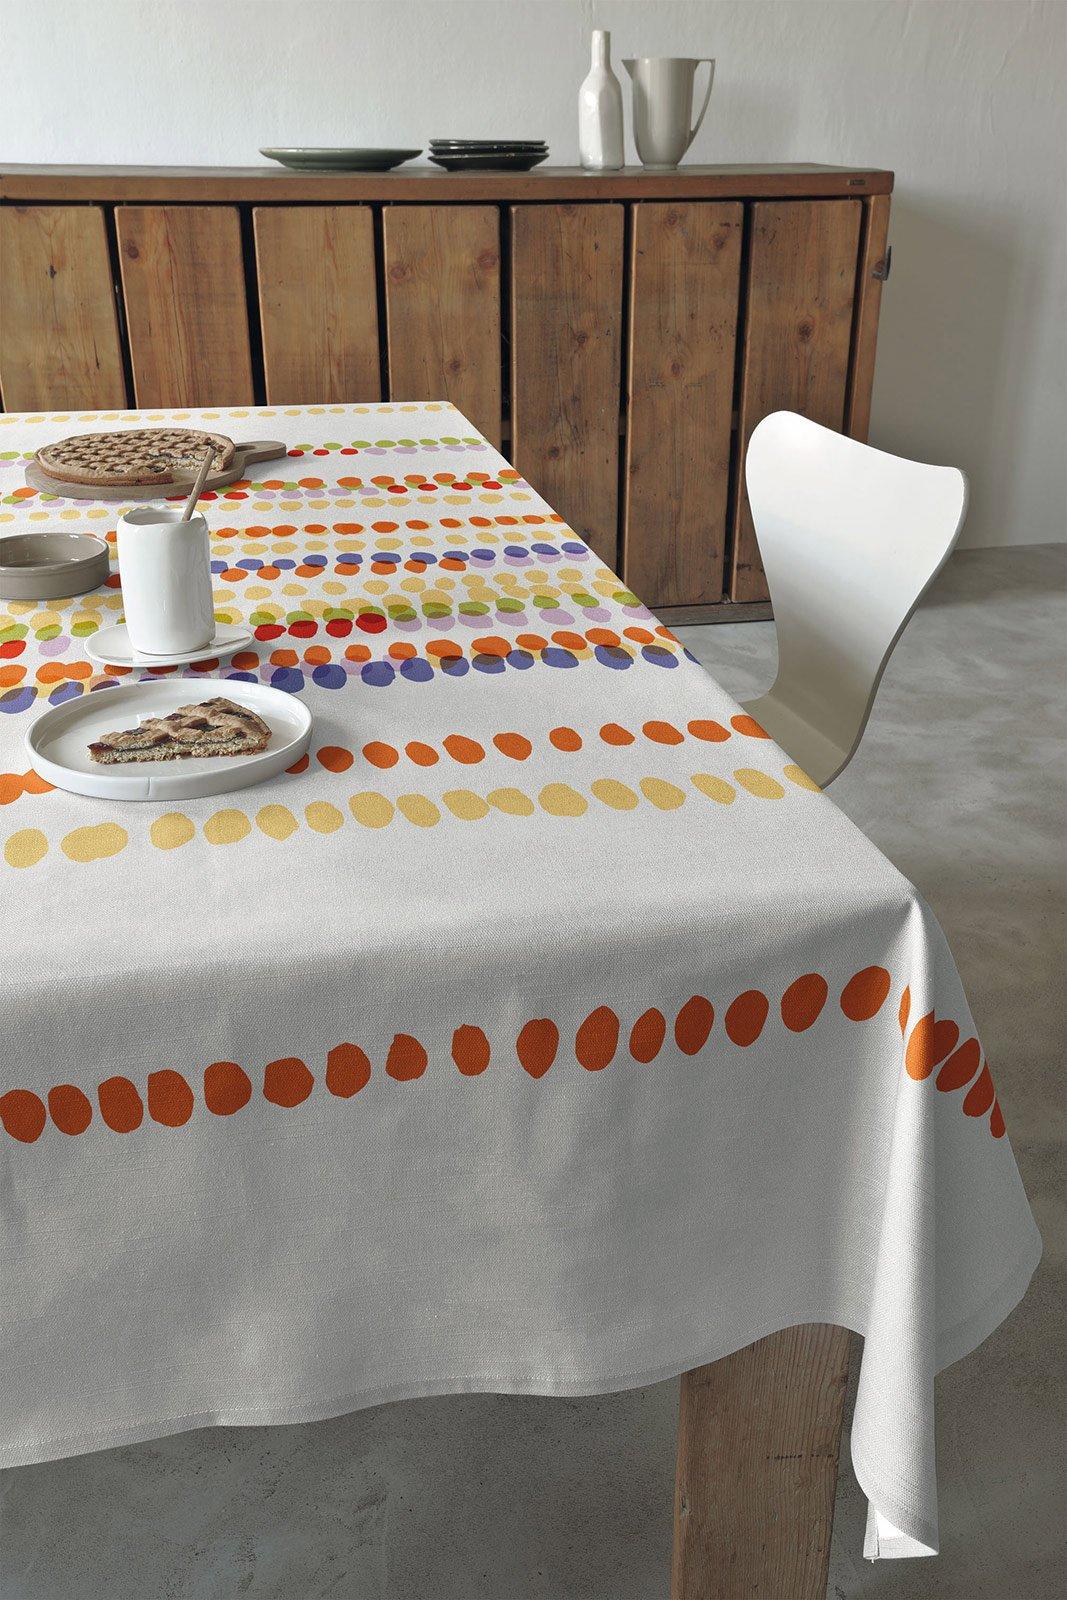 Tovaglie da tavola bassetti modificare una pelliccia - Tovaglie da tavola eleganti moderne ...